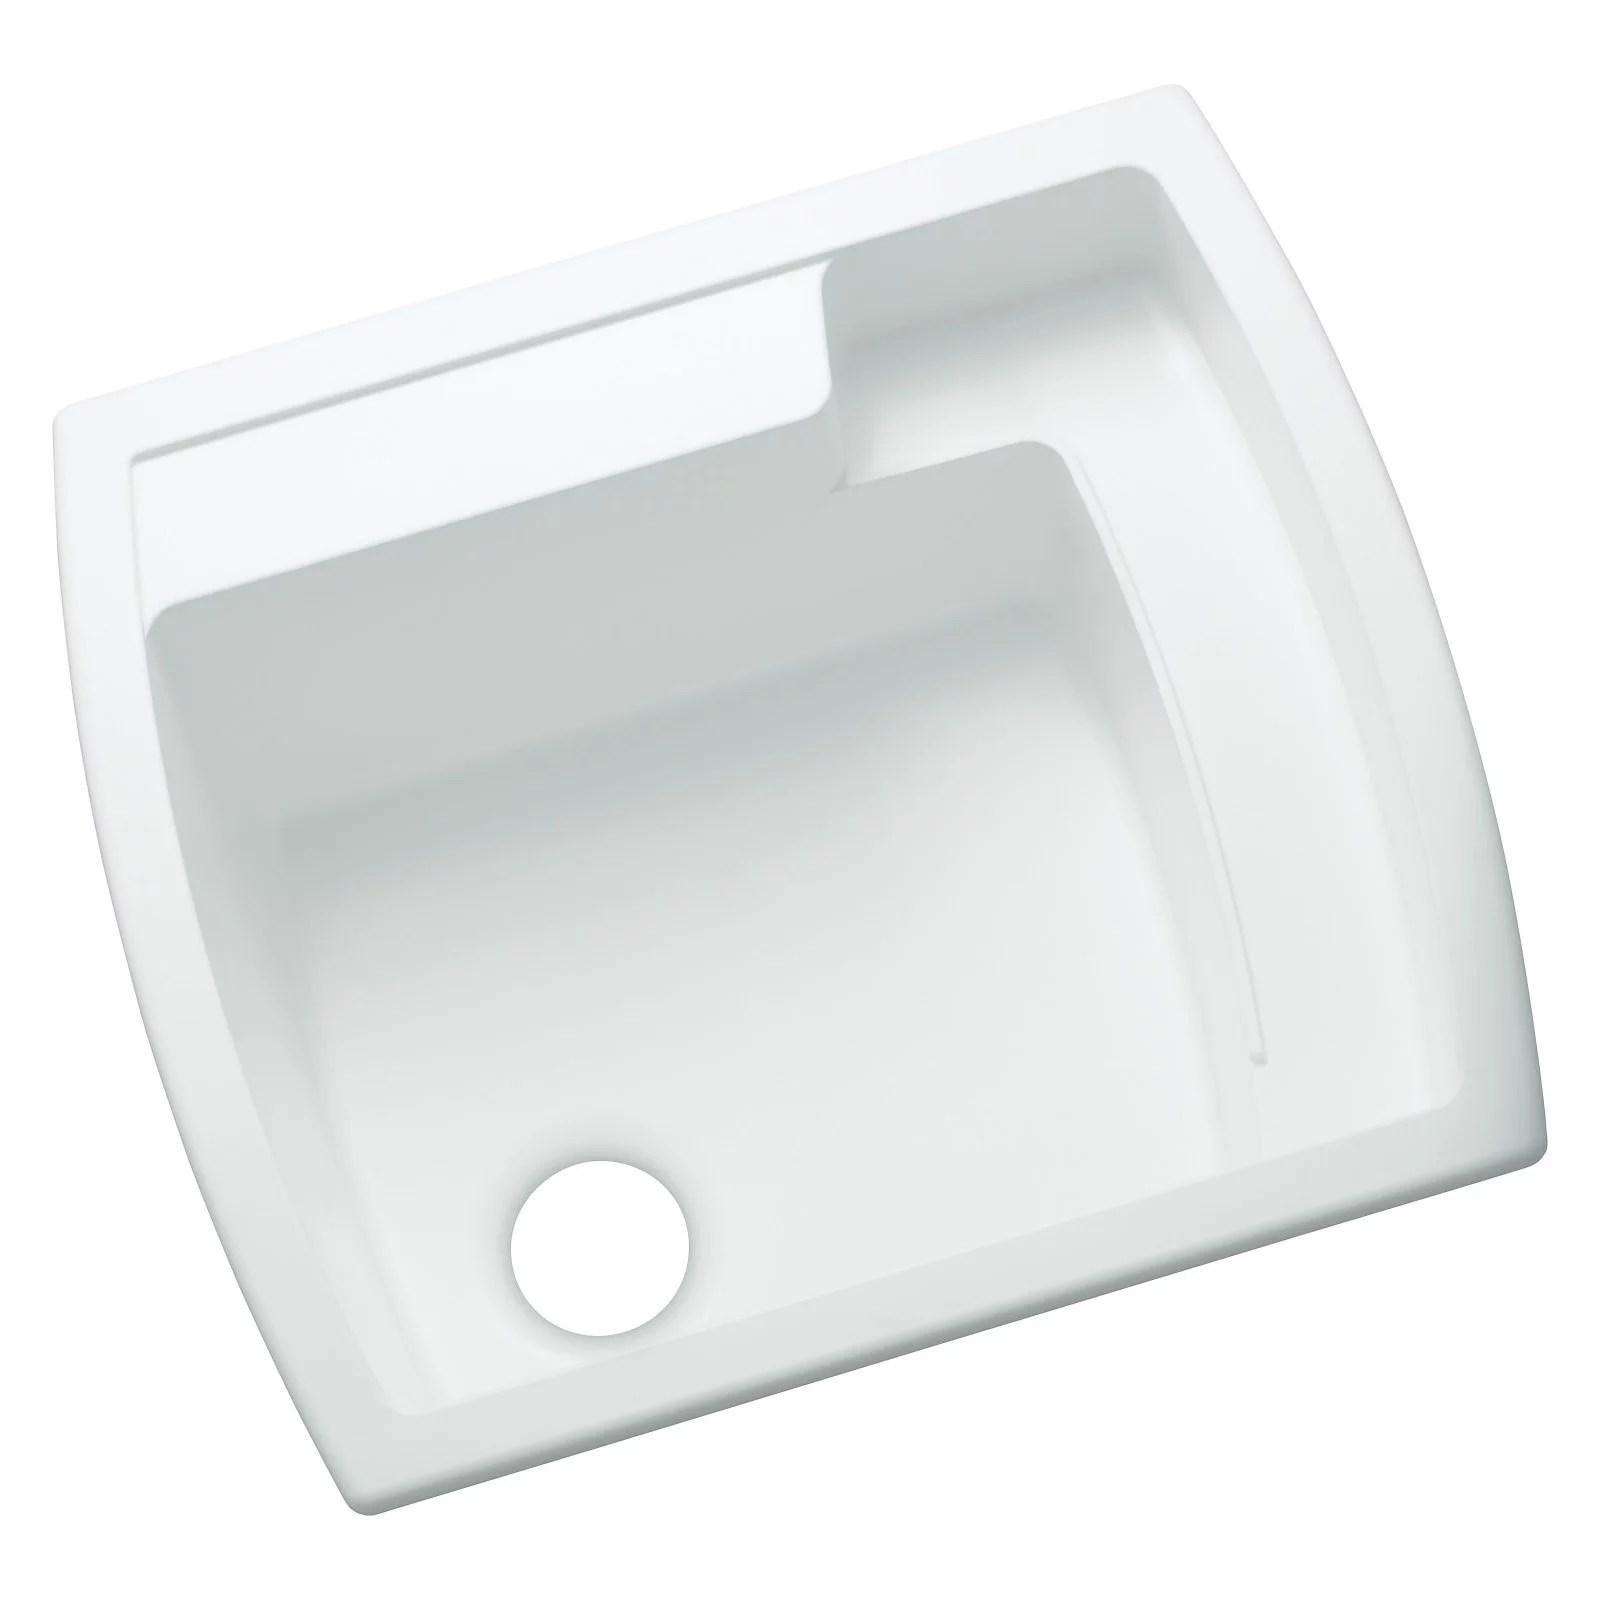 sterling latitude 995 single basin drop in utility sink walmart com